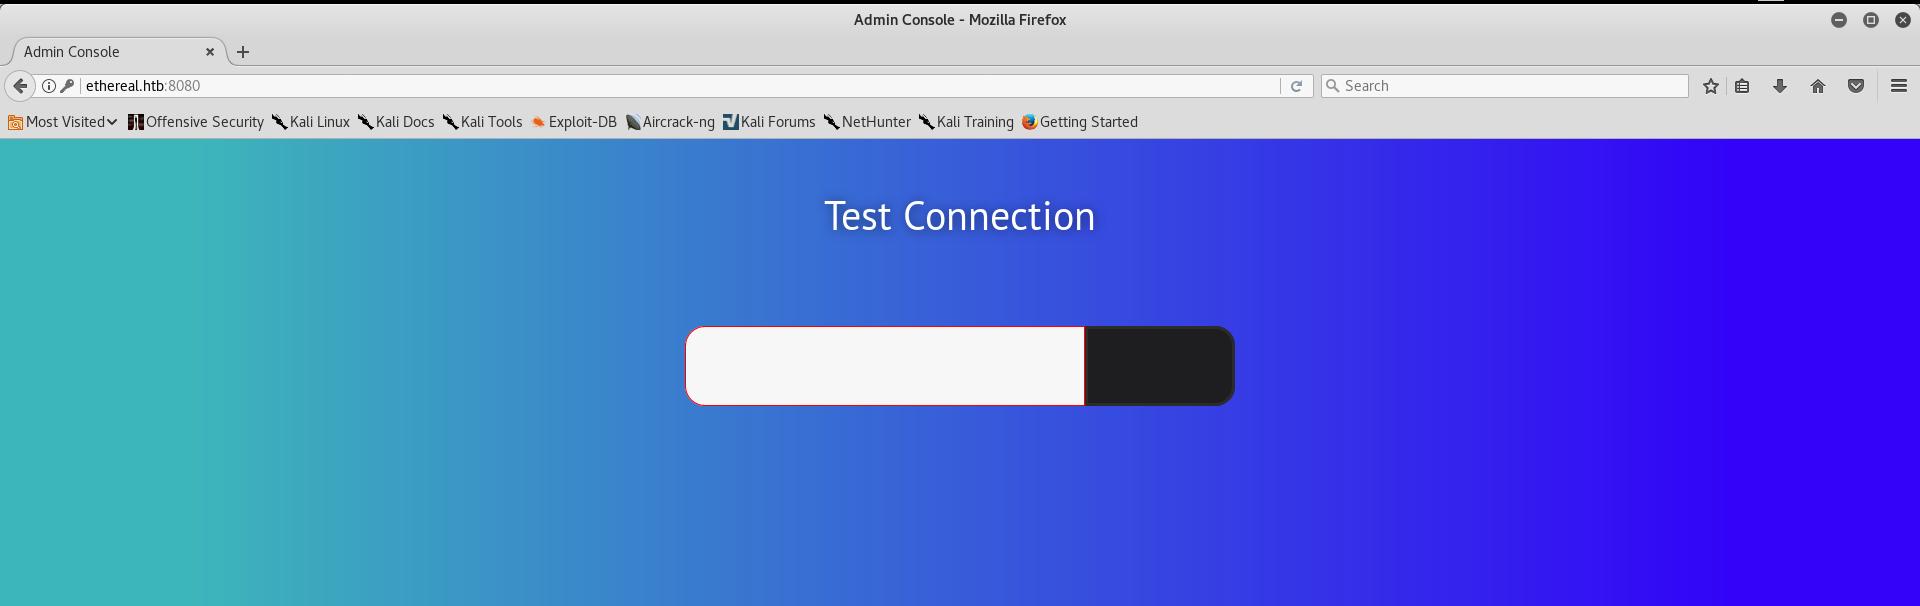 admin-console